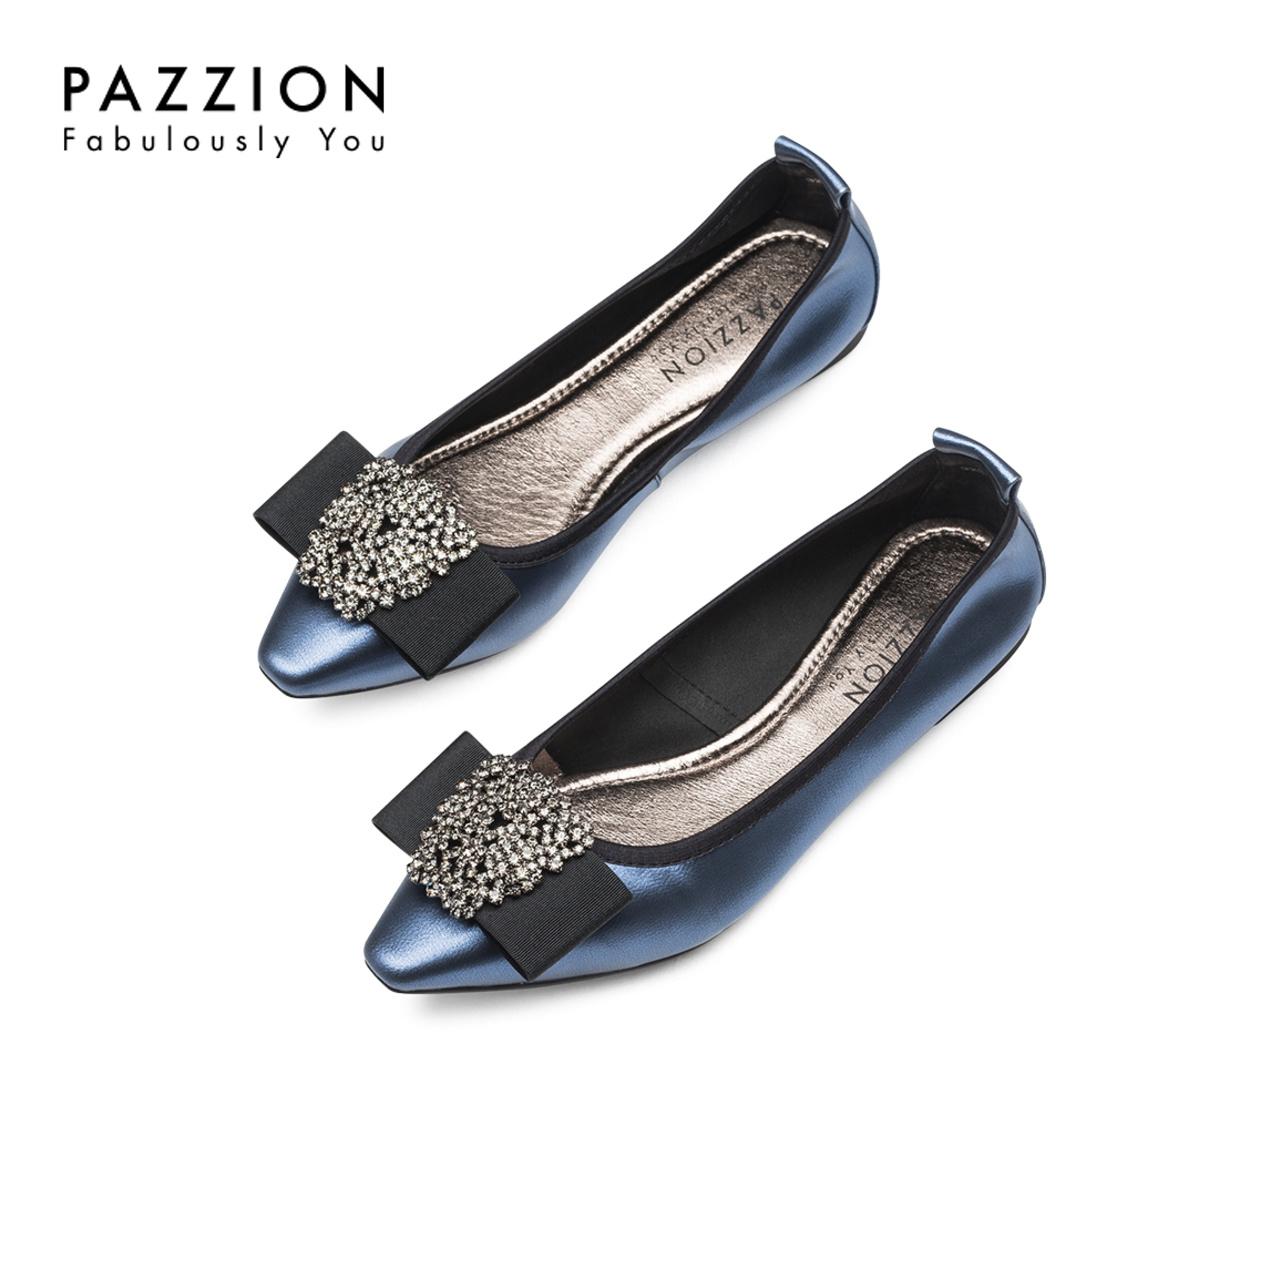 PAZZION夏季女士单鞋 优雅方头缎带蝴蝶结钻饰浅口方跟女鞋平底鞋